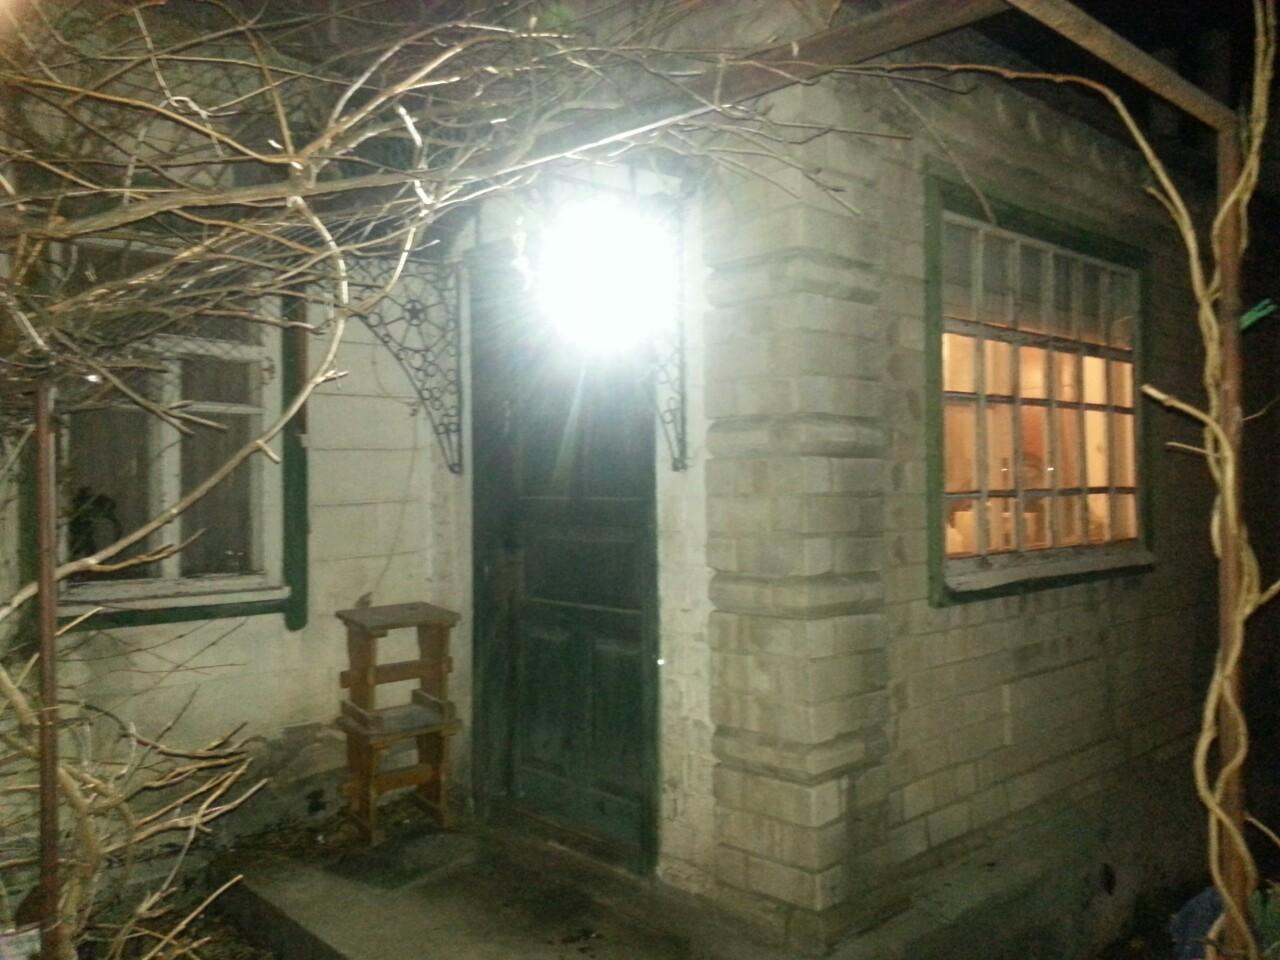 Сдам дом Шереметьевская ул., 11, Самарский р-н, Днепр (Днепропетровск), Приднепровск